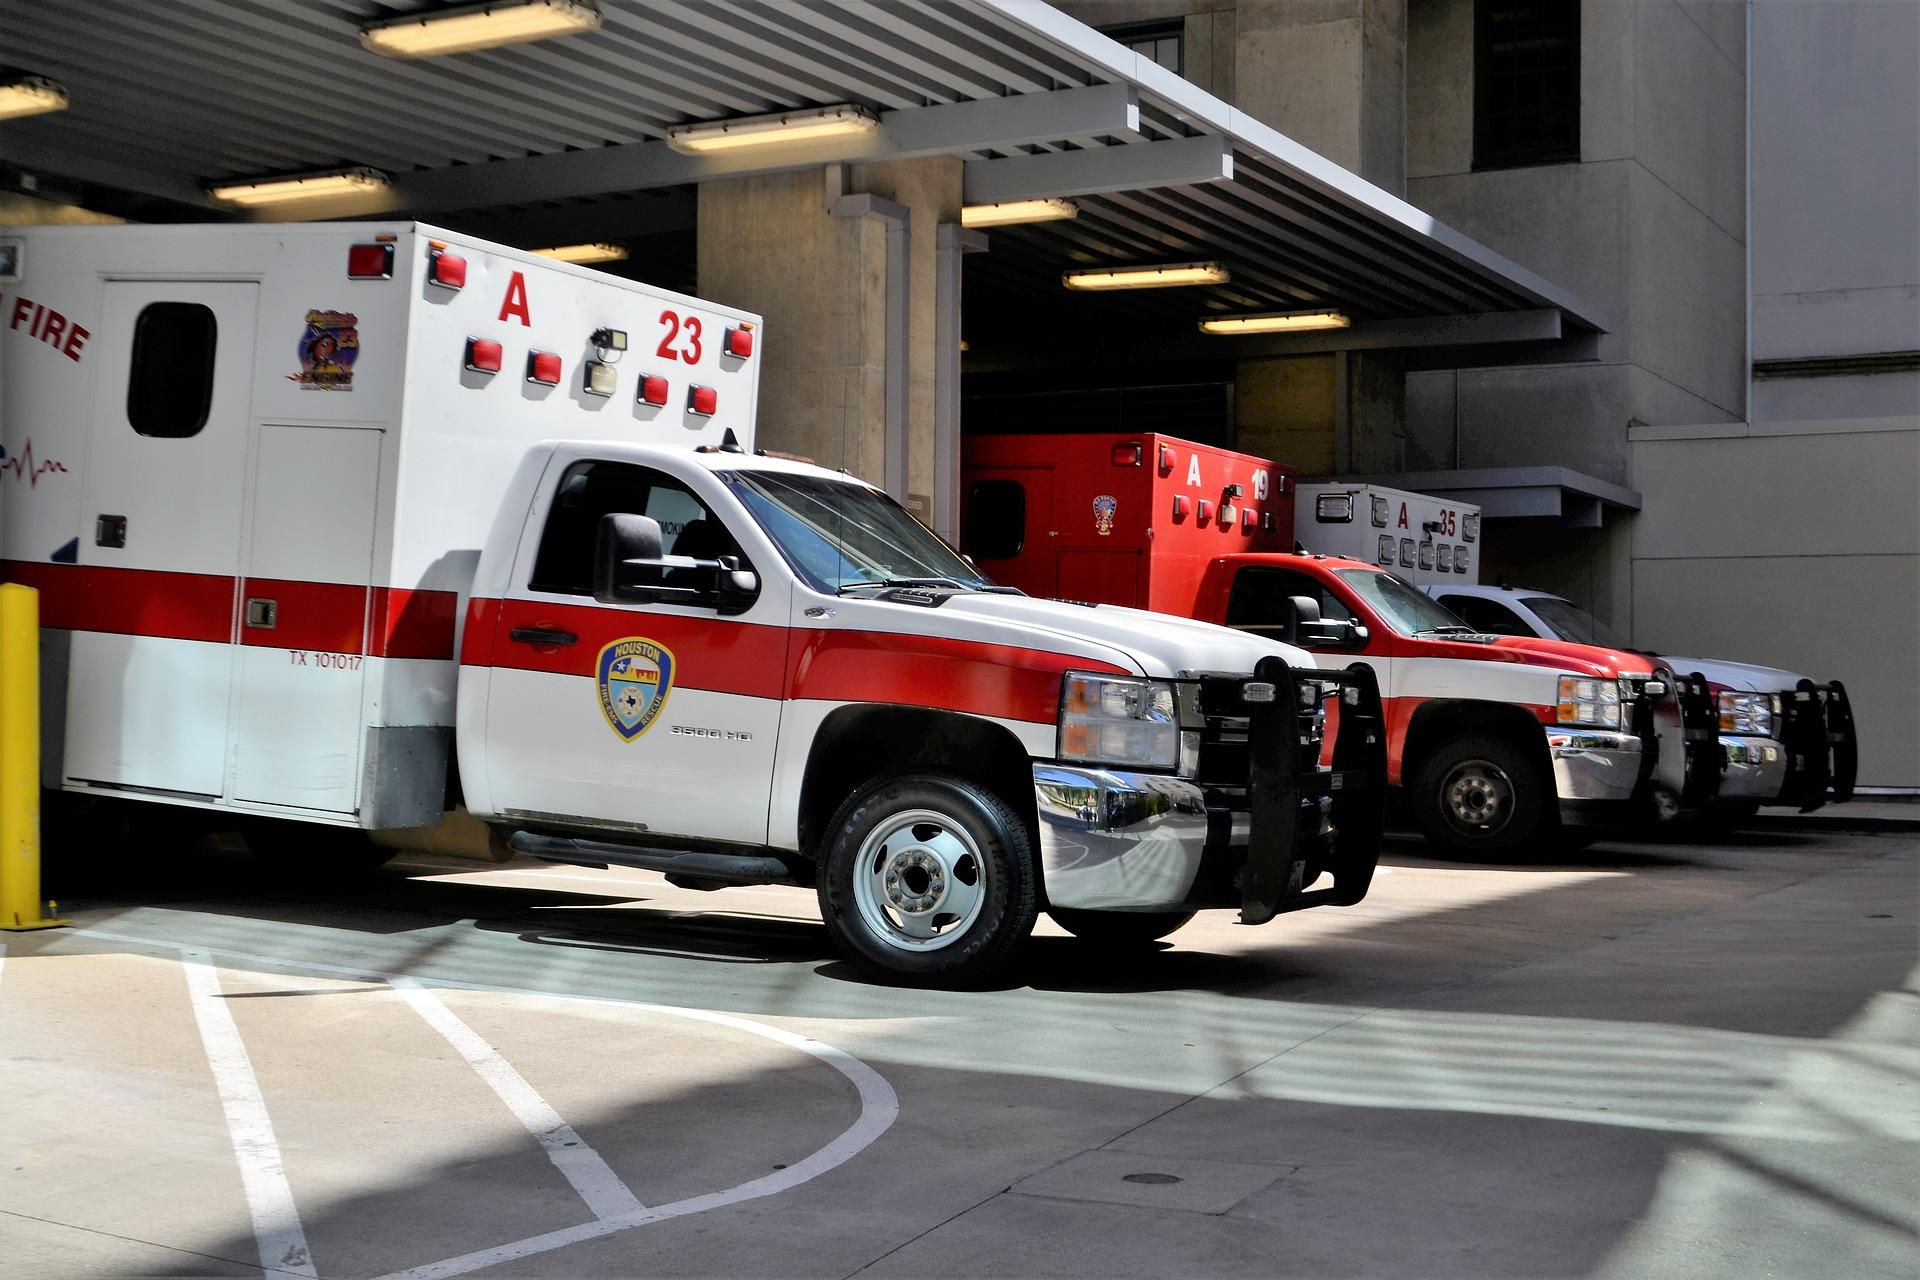 emergency-room-3323451_1920.jpg